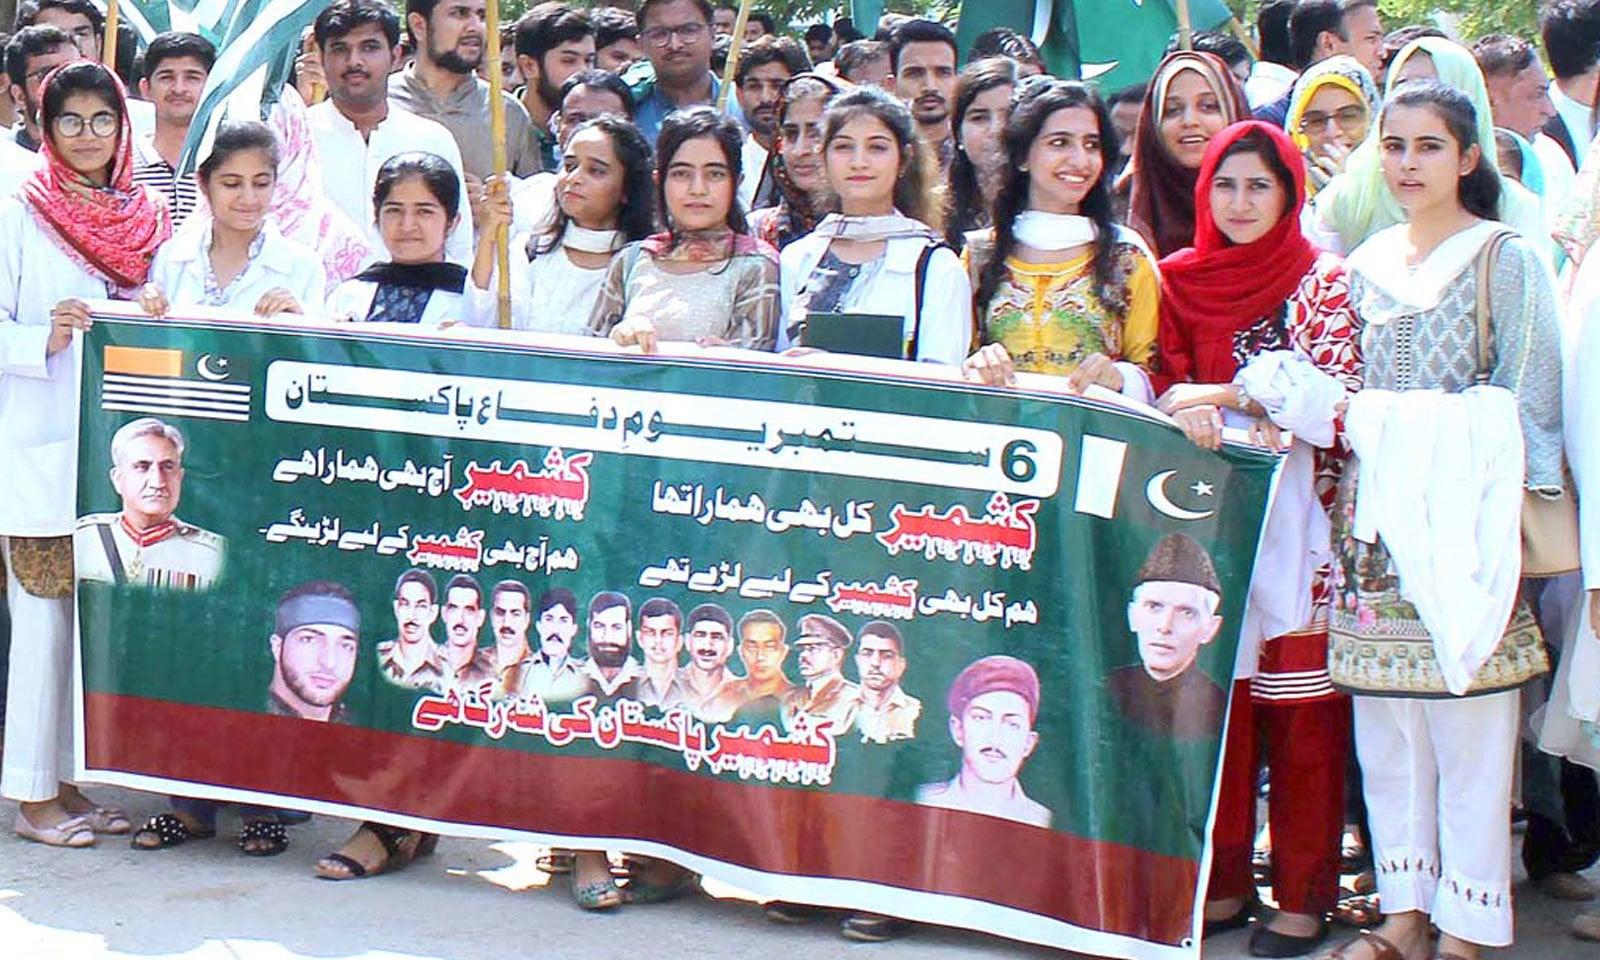 ملک بھر میں جامعات کے طلبہ نے یوم دفاع  کے موقع پر ریلیاں نکالیں — فوٹو: اے پی پی